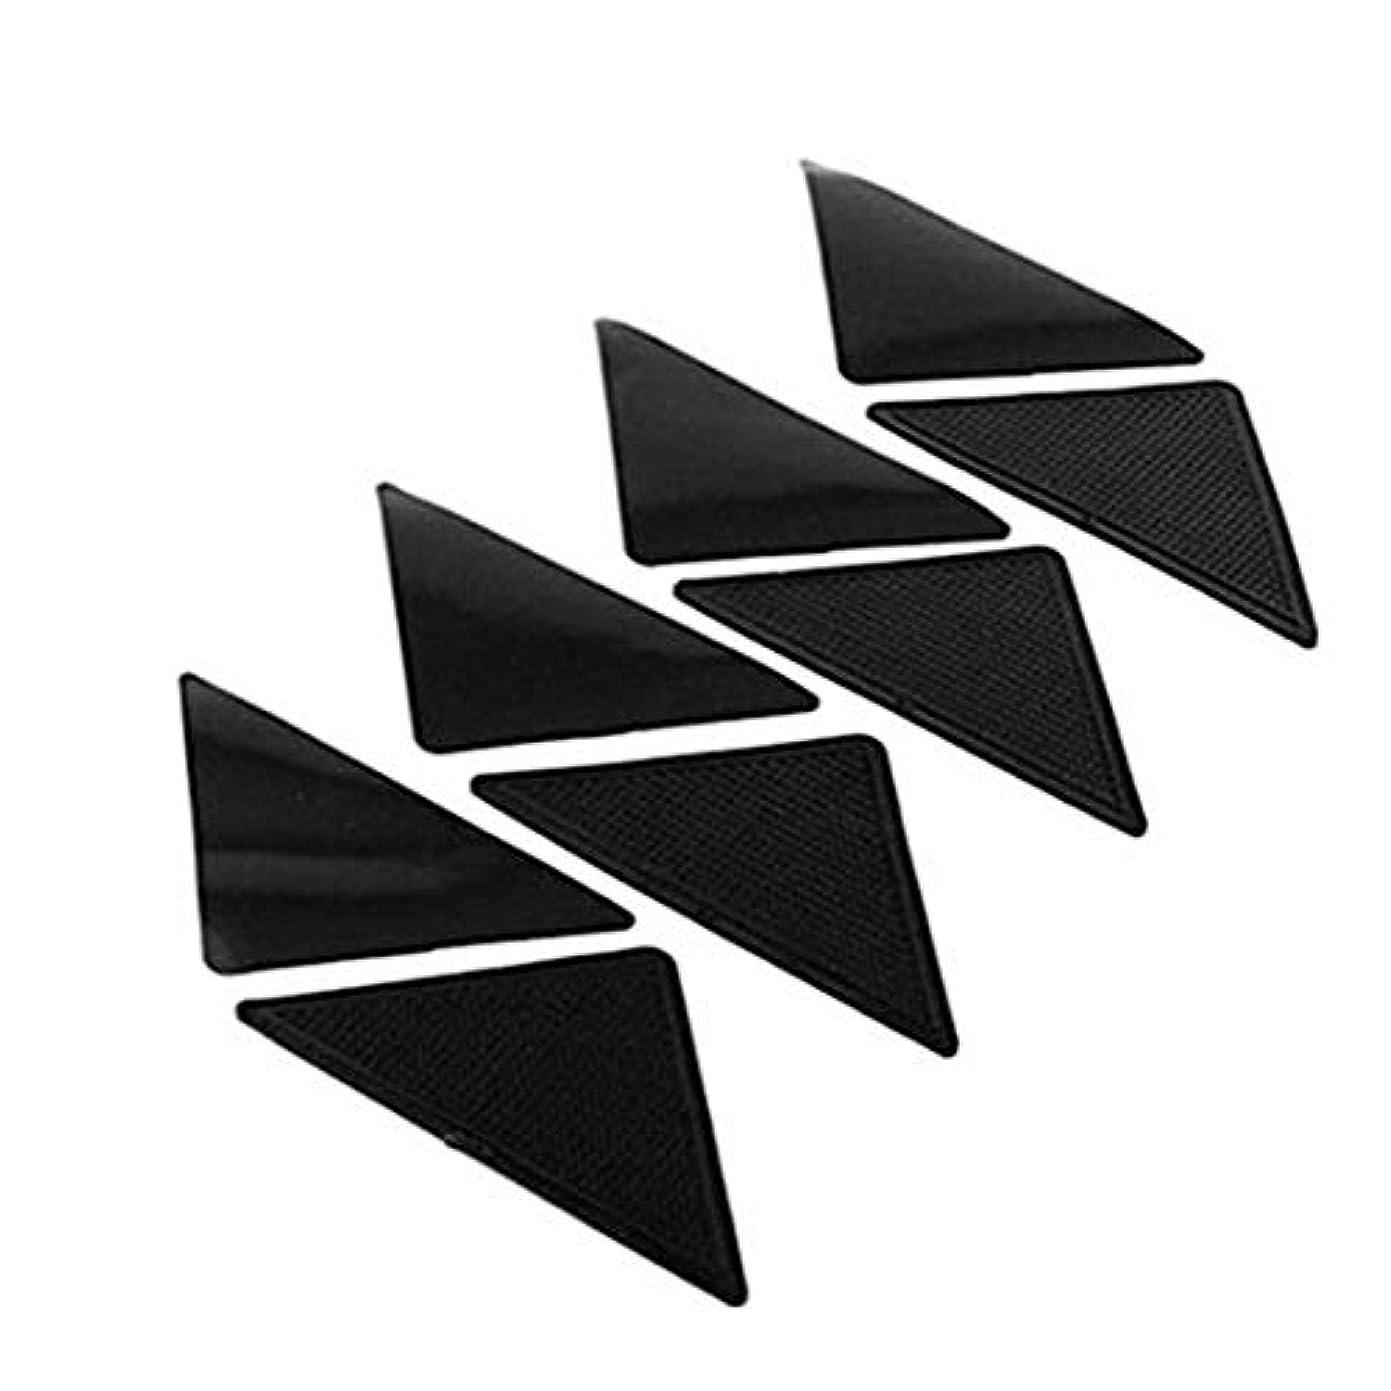 デンマーク絶縁する撃退するSwiftgood 4個のアンチスキッドカーペットマット滑り止め小さなコーナー三角パッド洗える